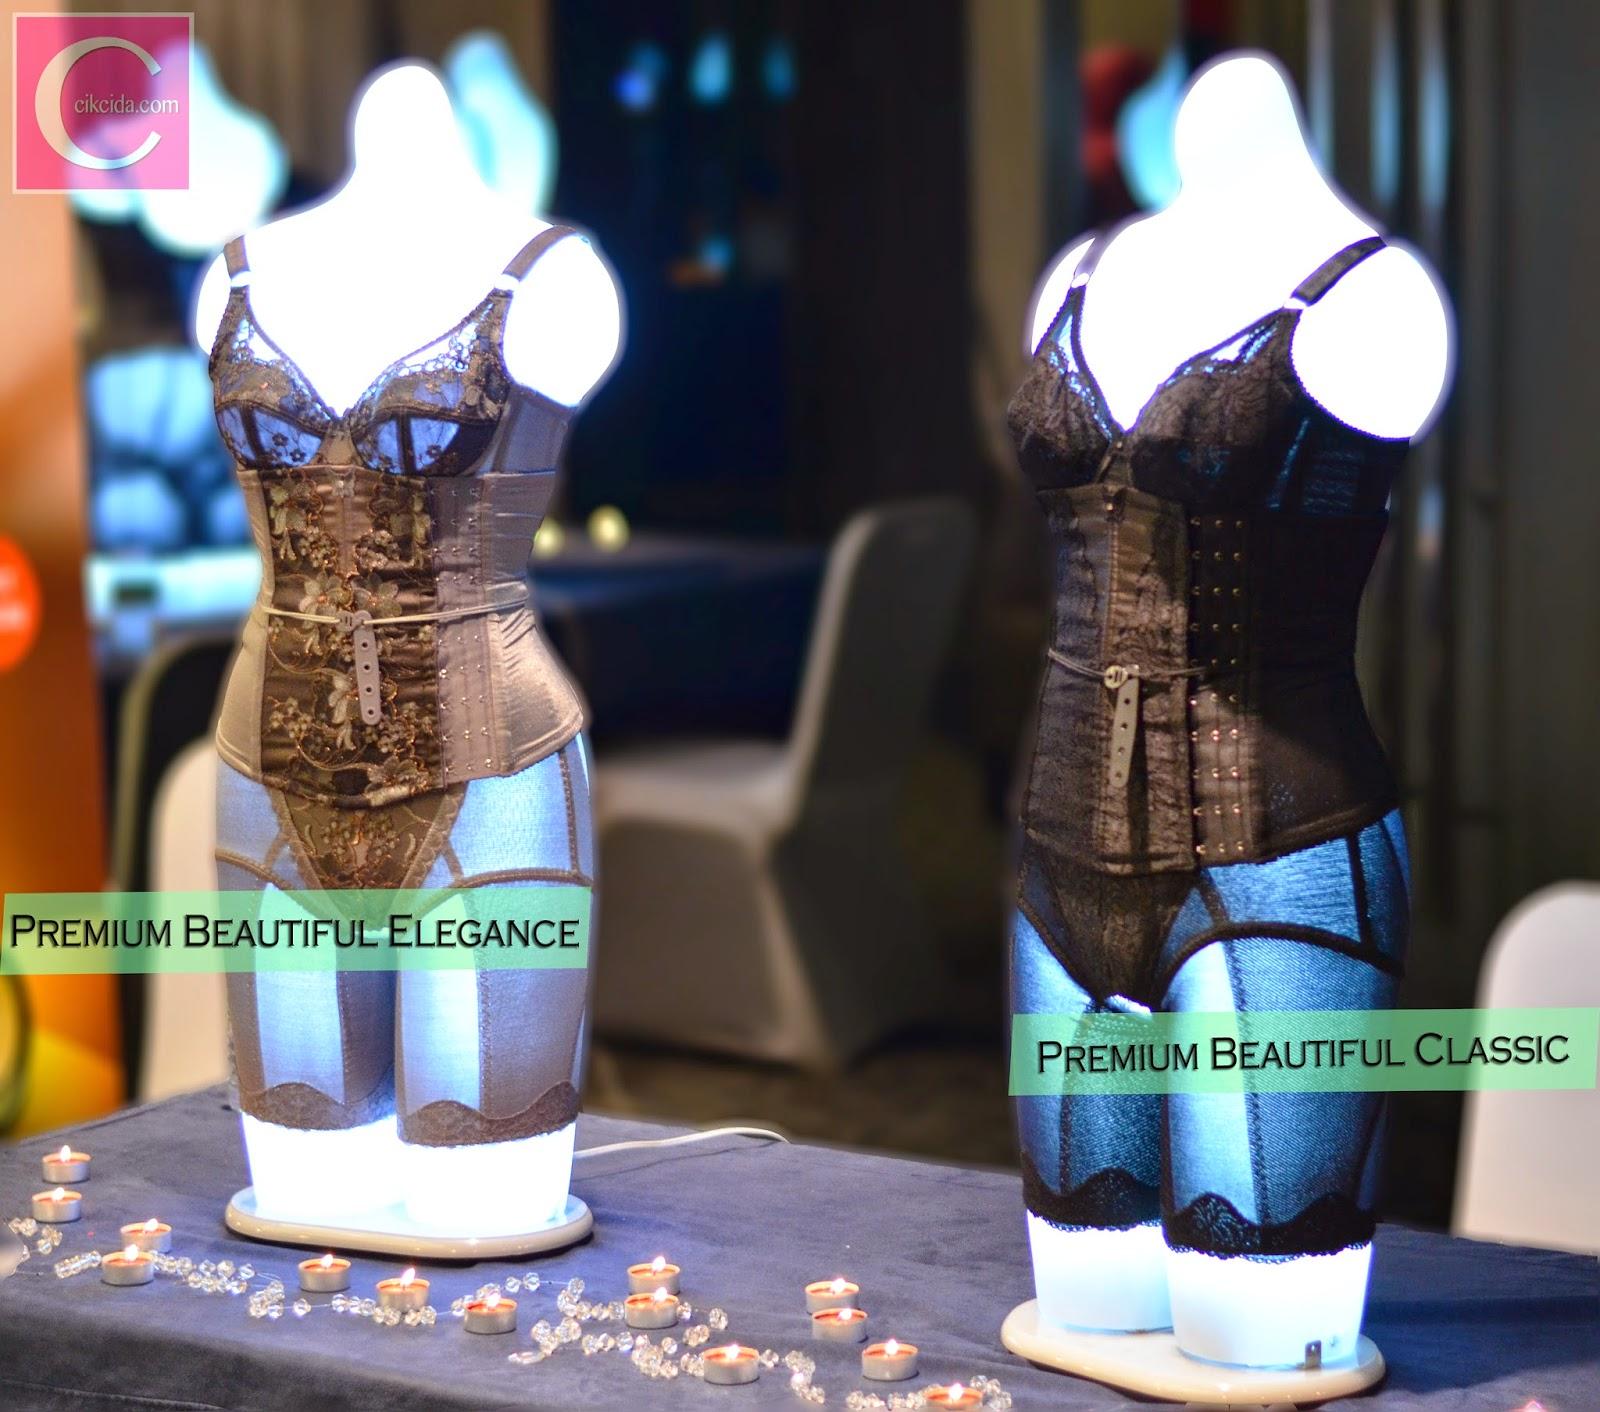 Premium Beautiful Corset elegance and classic